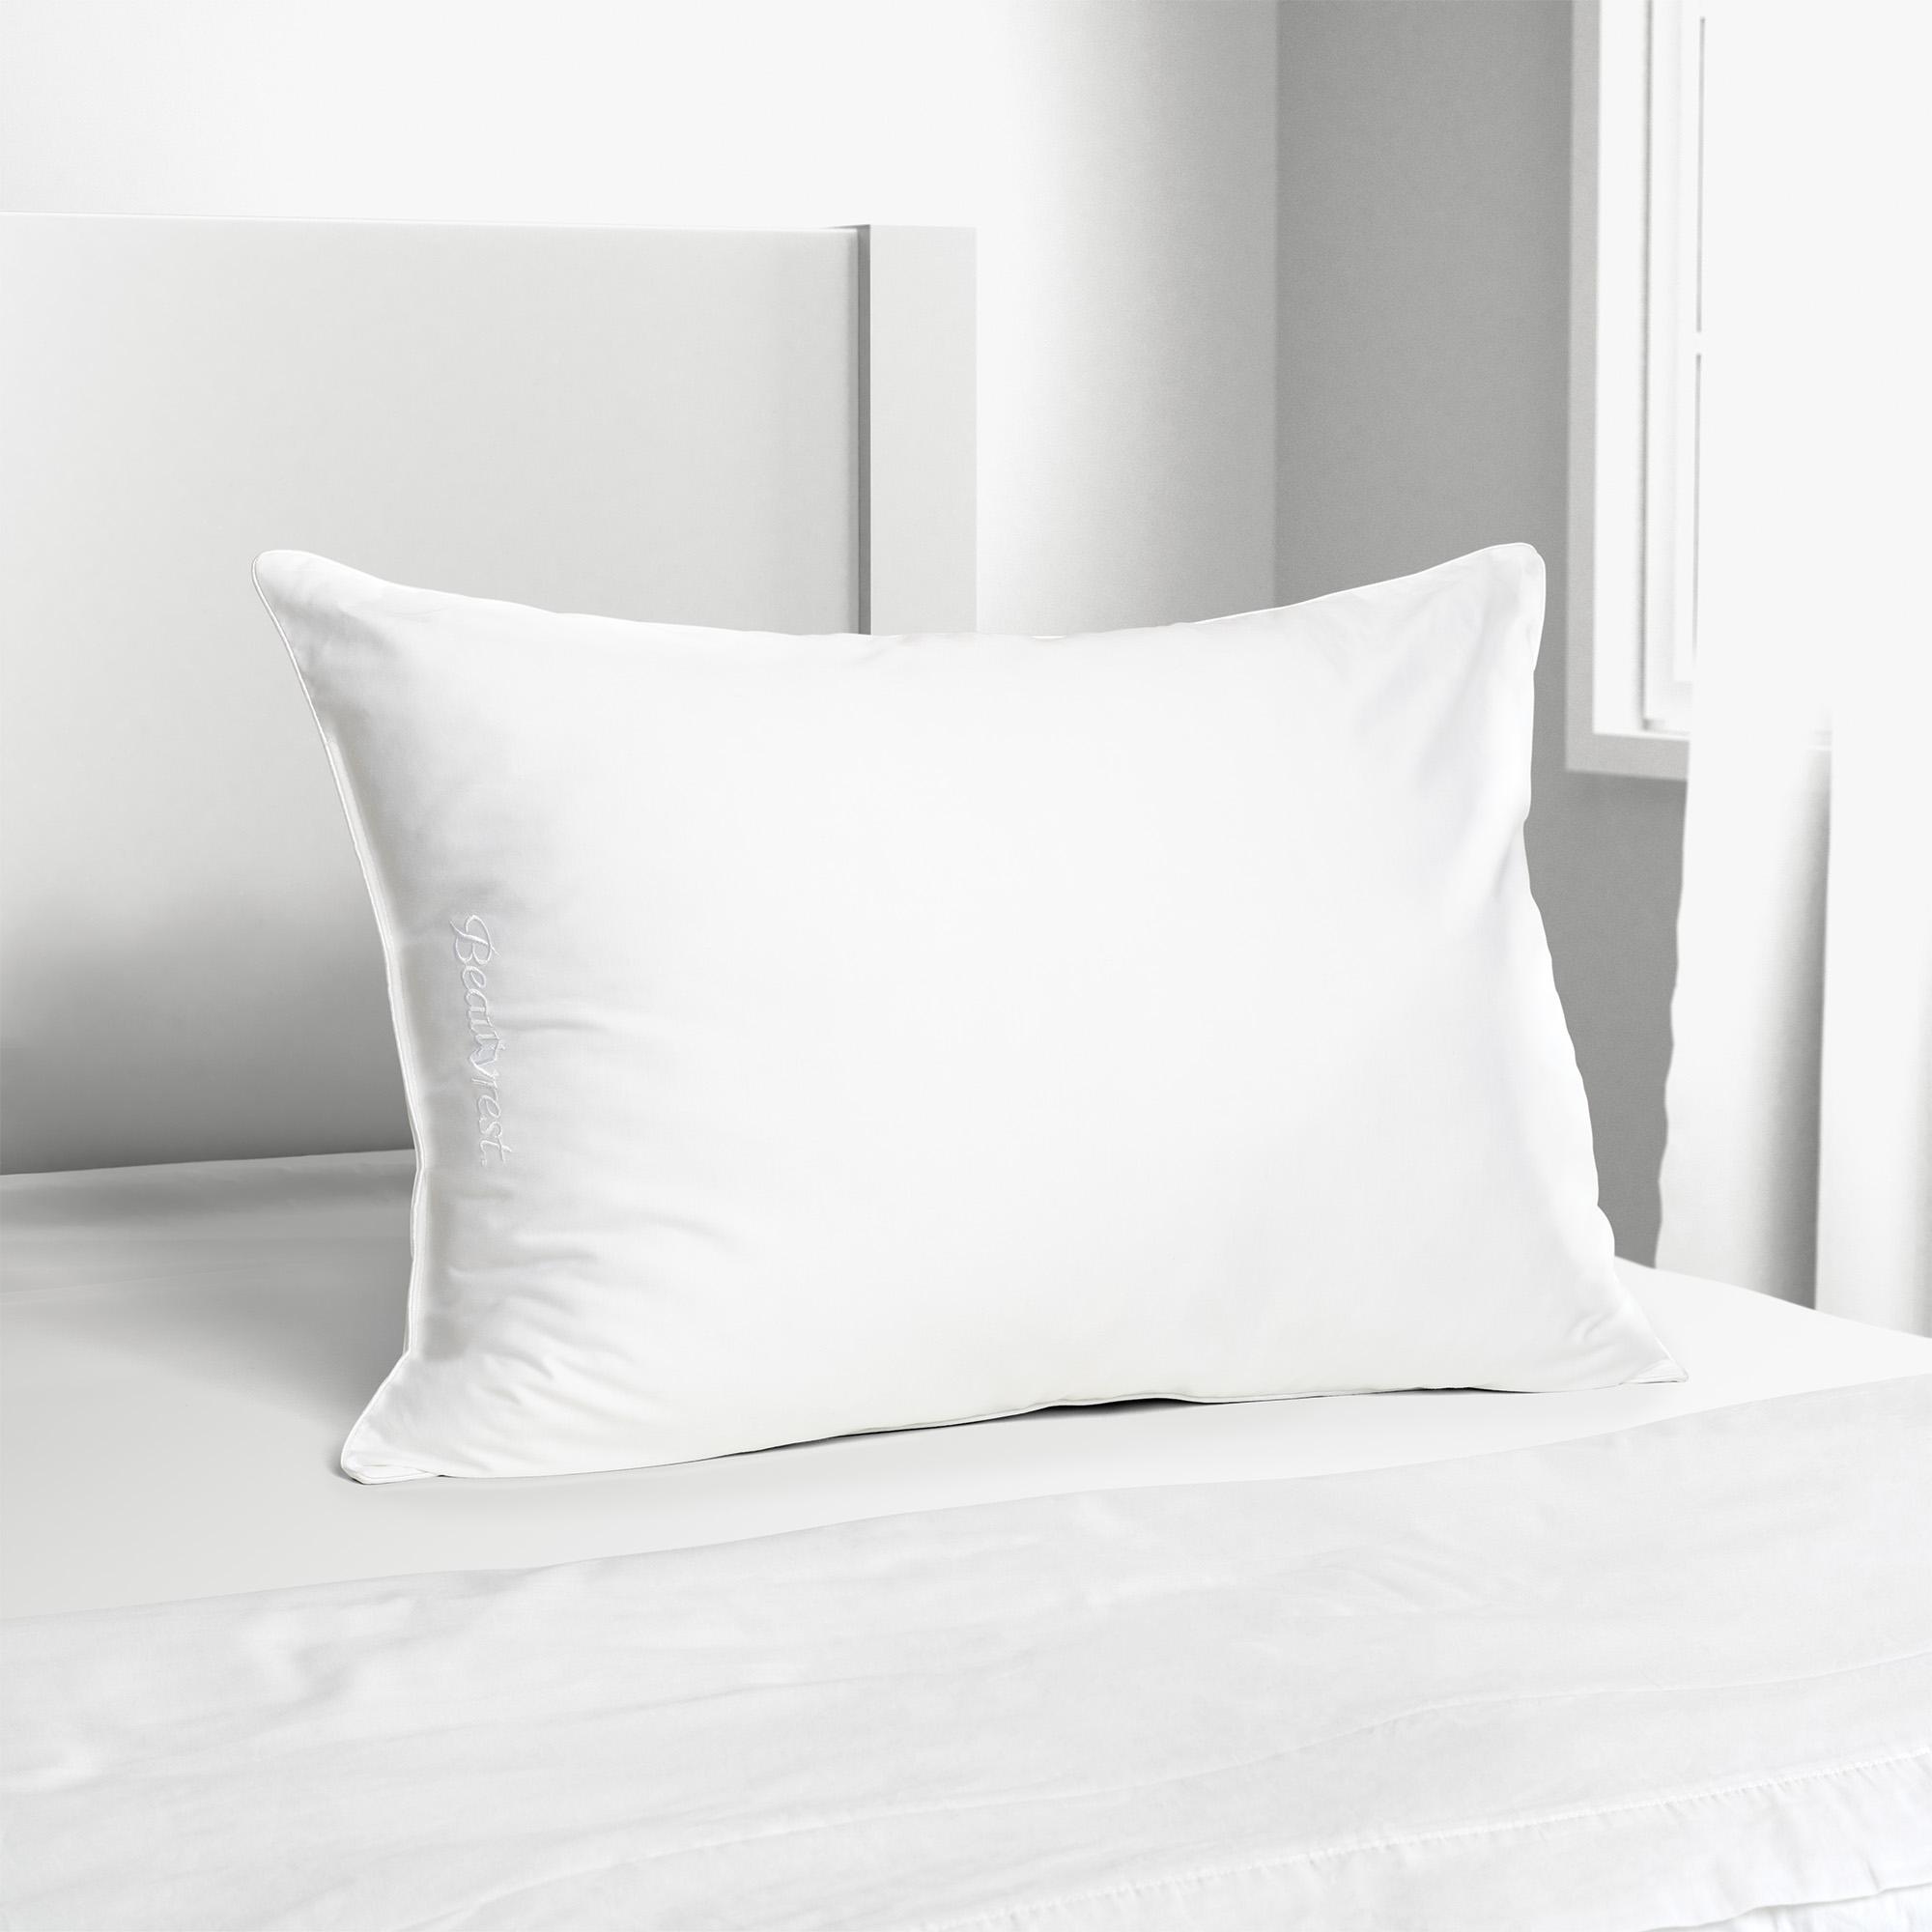 beautyrest silver wonder loft gx technology support pillow 20 x28